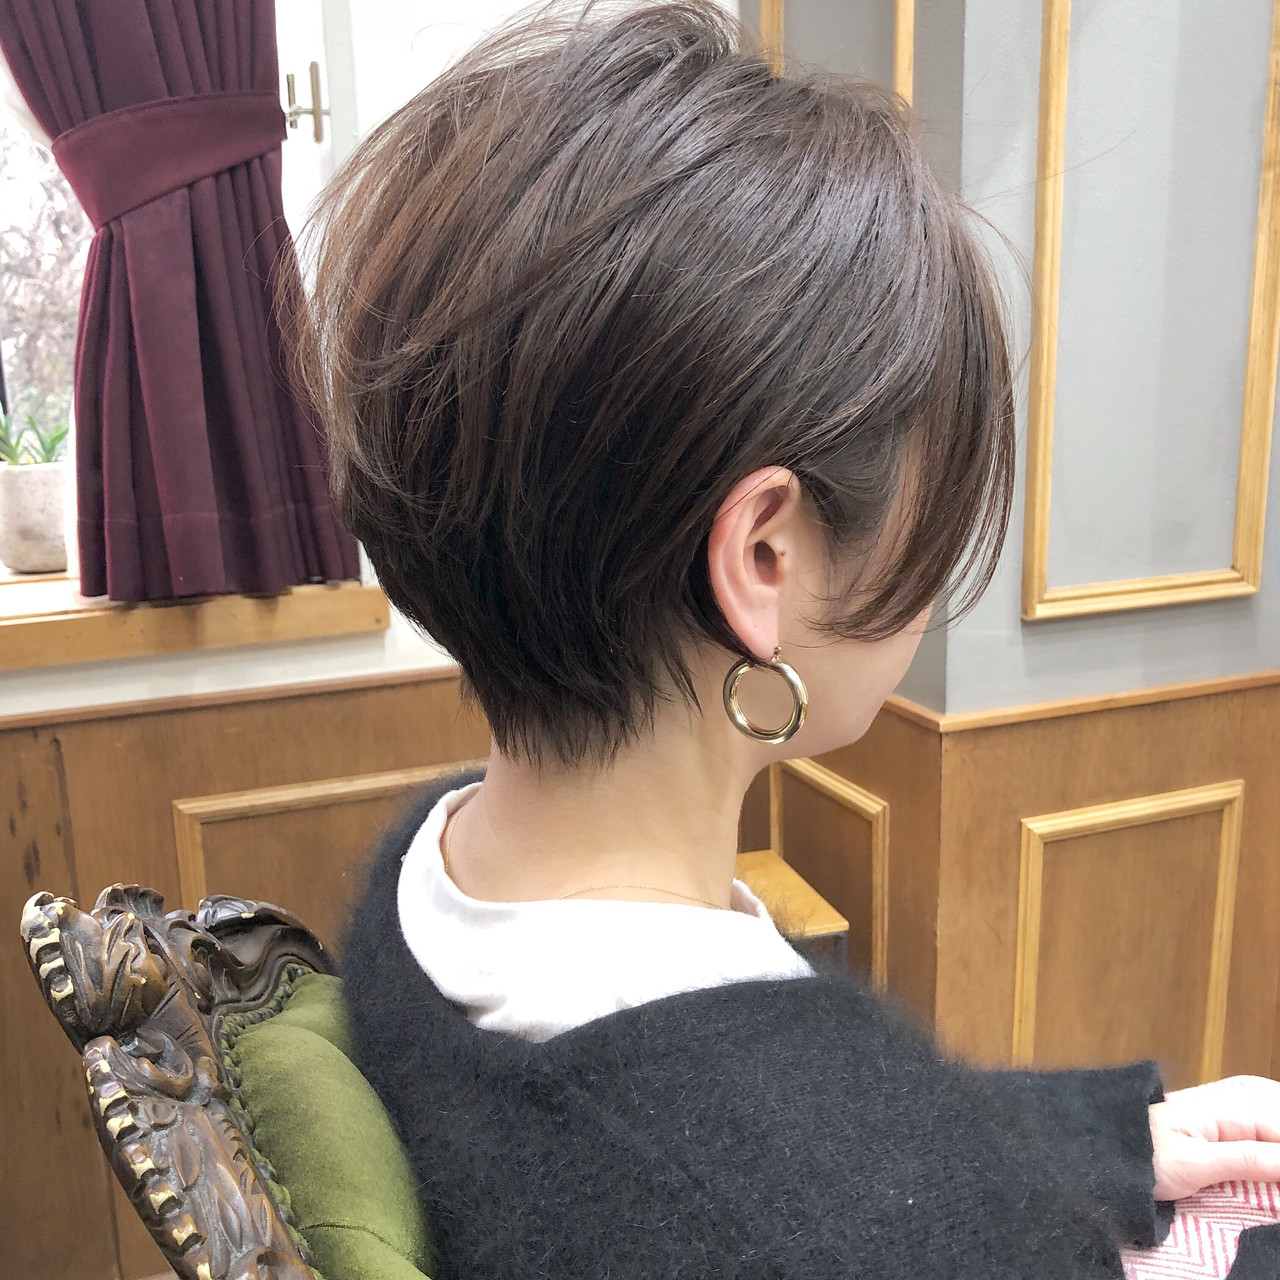 ベリーショート マッシュショート ショートボブ ショート ヘアスタイルや髪型の写真・画像 | 高田 興 / レジーロ